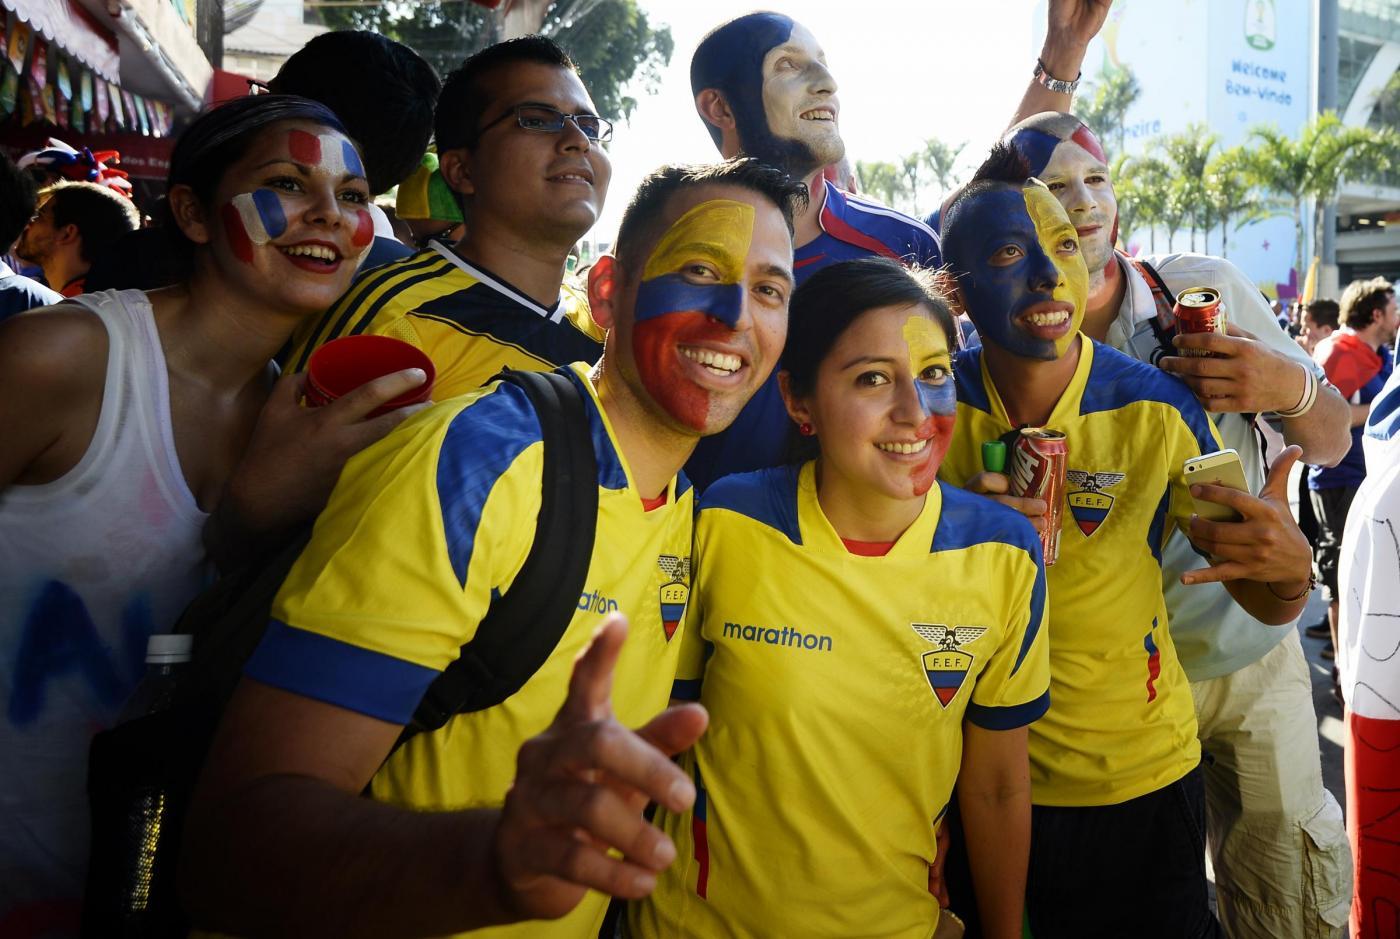 USA-Ecuador 8 giugno: si gioca per i quarti di finale dei Mondiali Under 20. Si tratta di un quarto di finale inaspettato per molti.